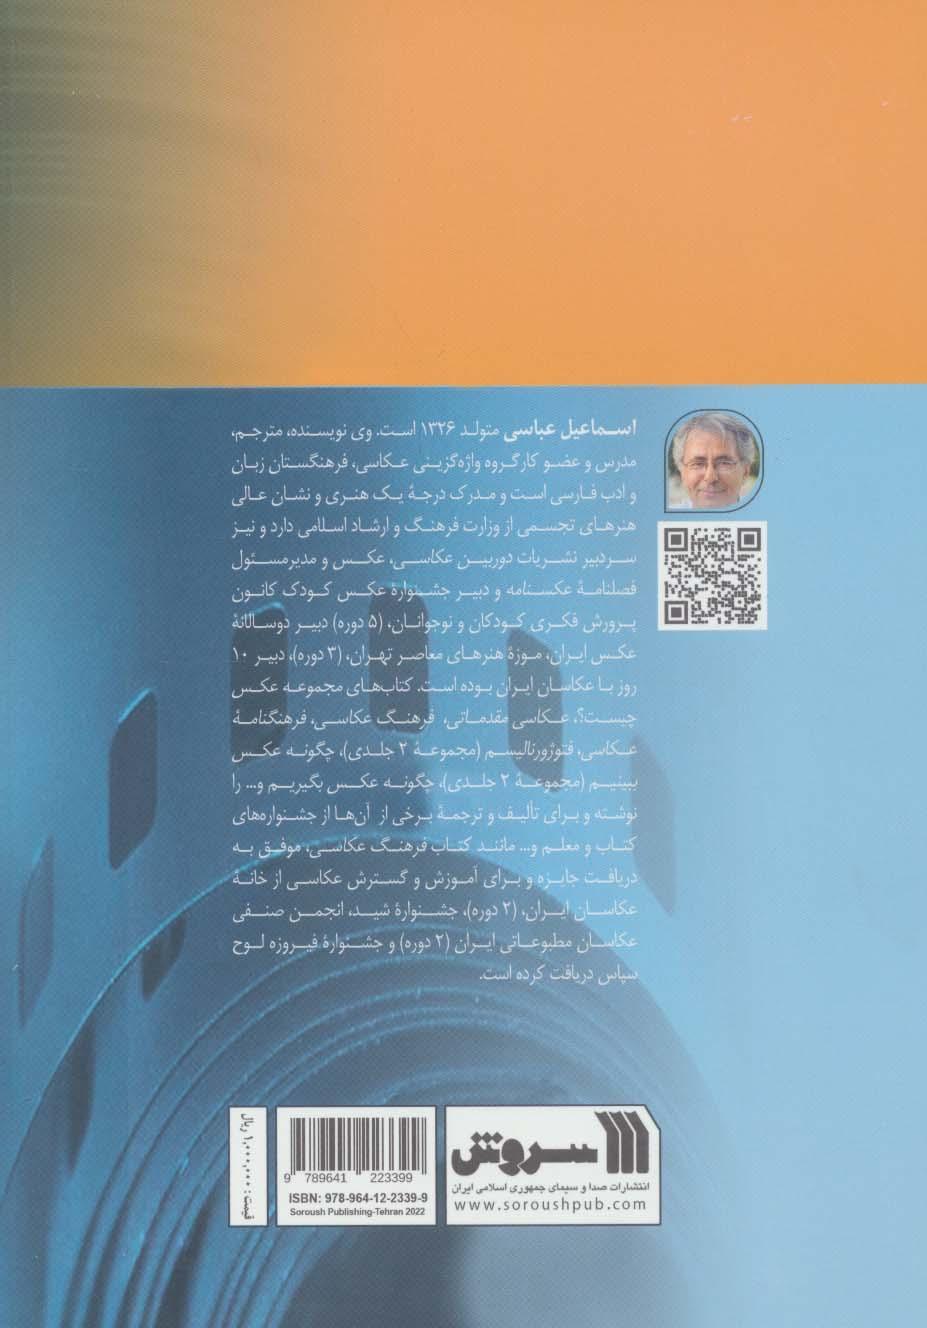 فرهنگ عکاسی